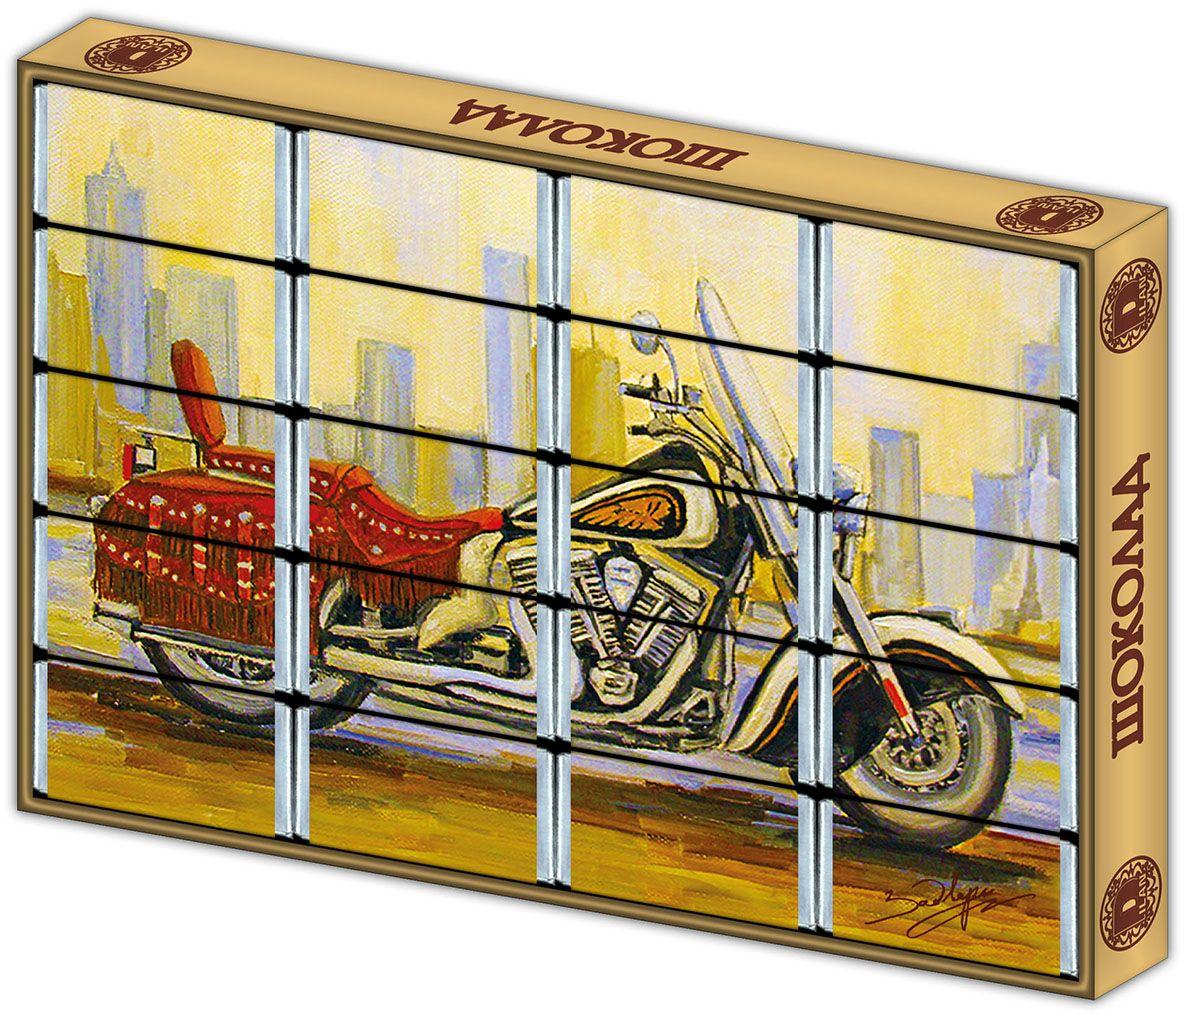 Дилан+ Шоколадный набор с раскраской Мотоцикл, 20 шт по 5 г karl fazer julia конфеты темный шоколад с ананасово абрикосовым мармеладом 350 г